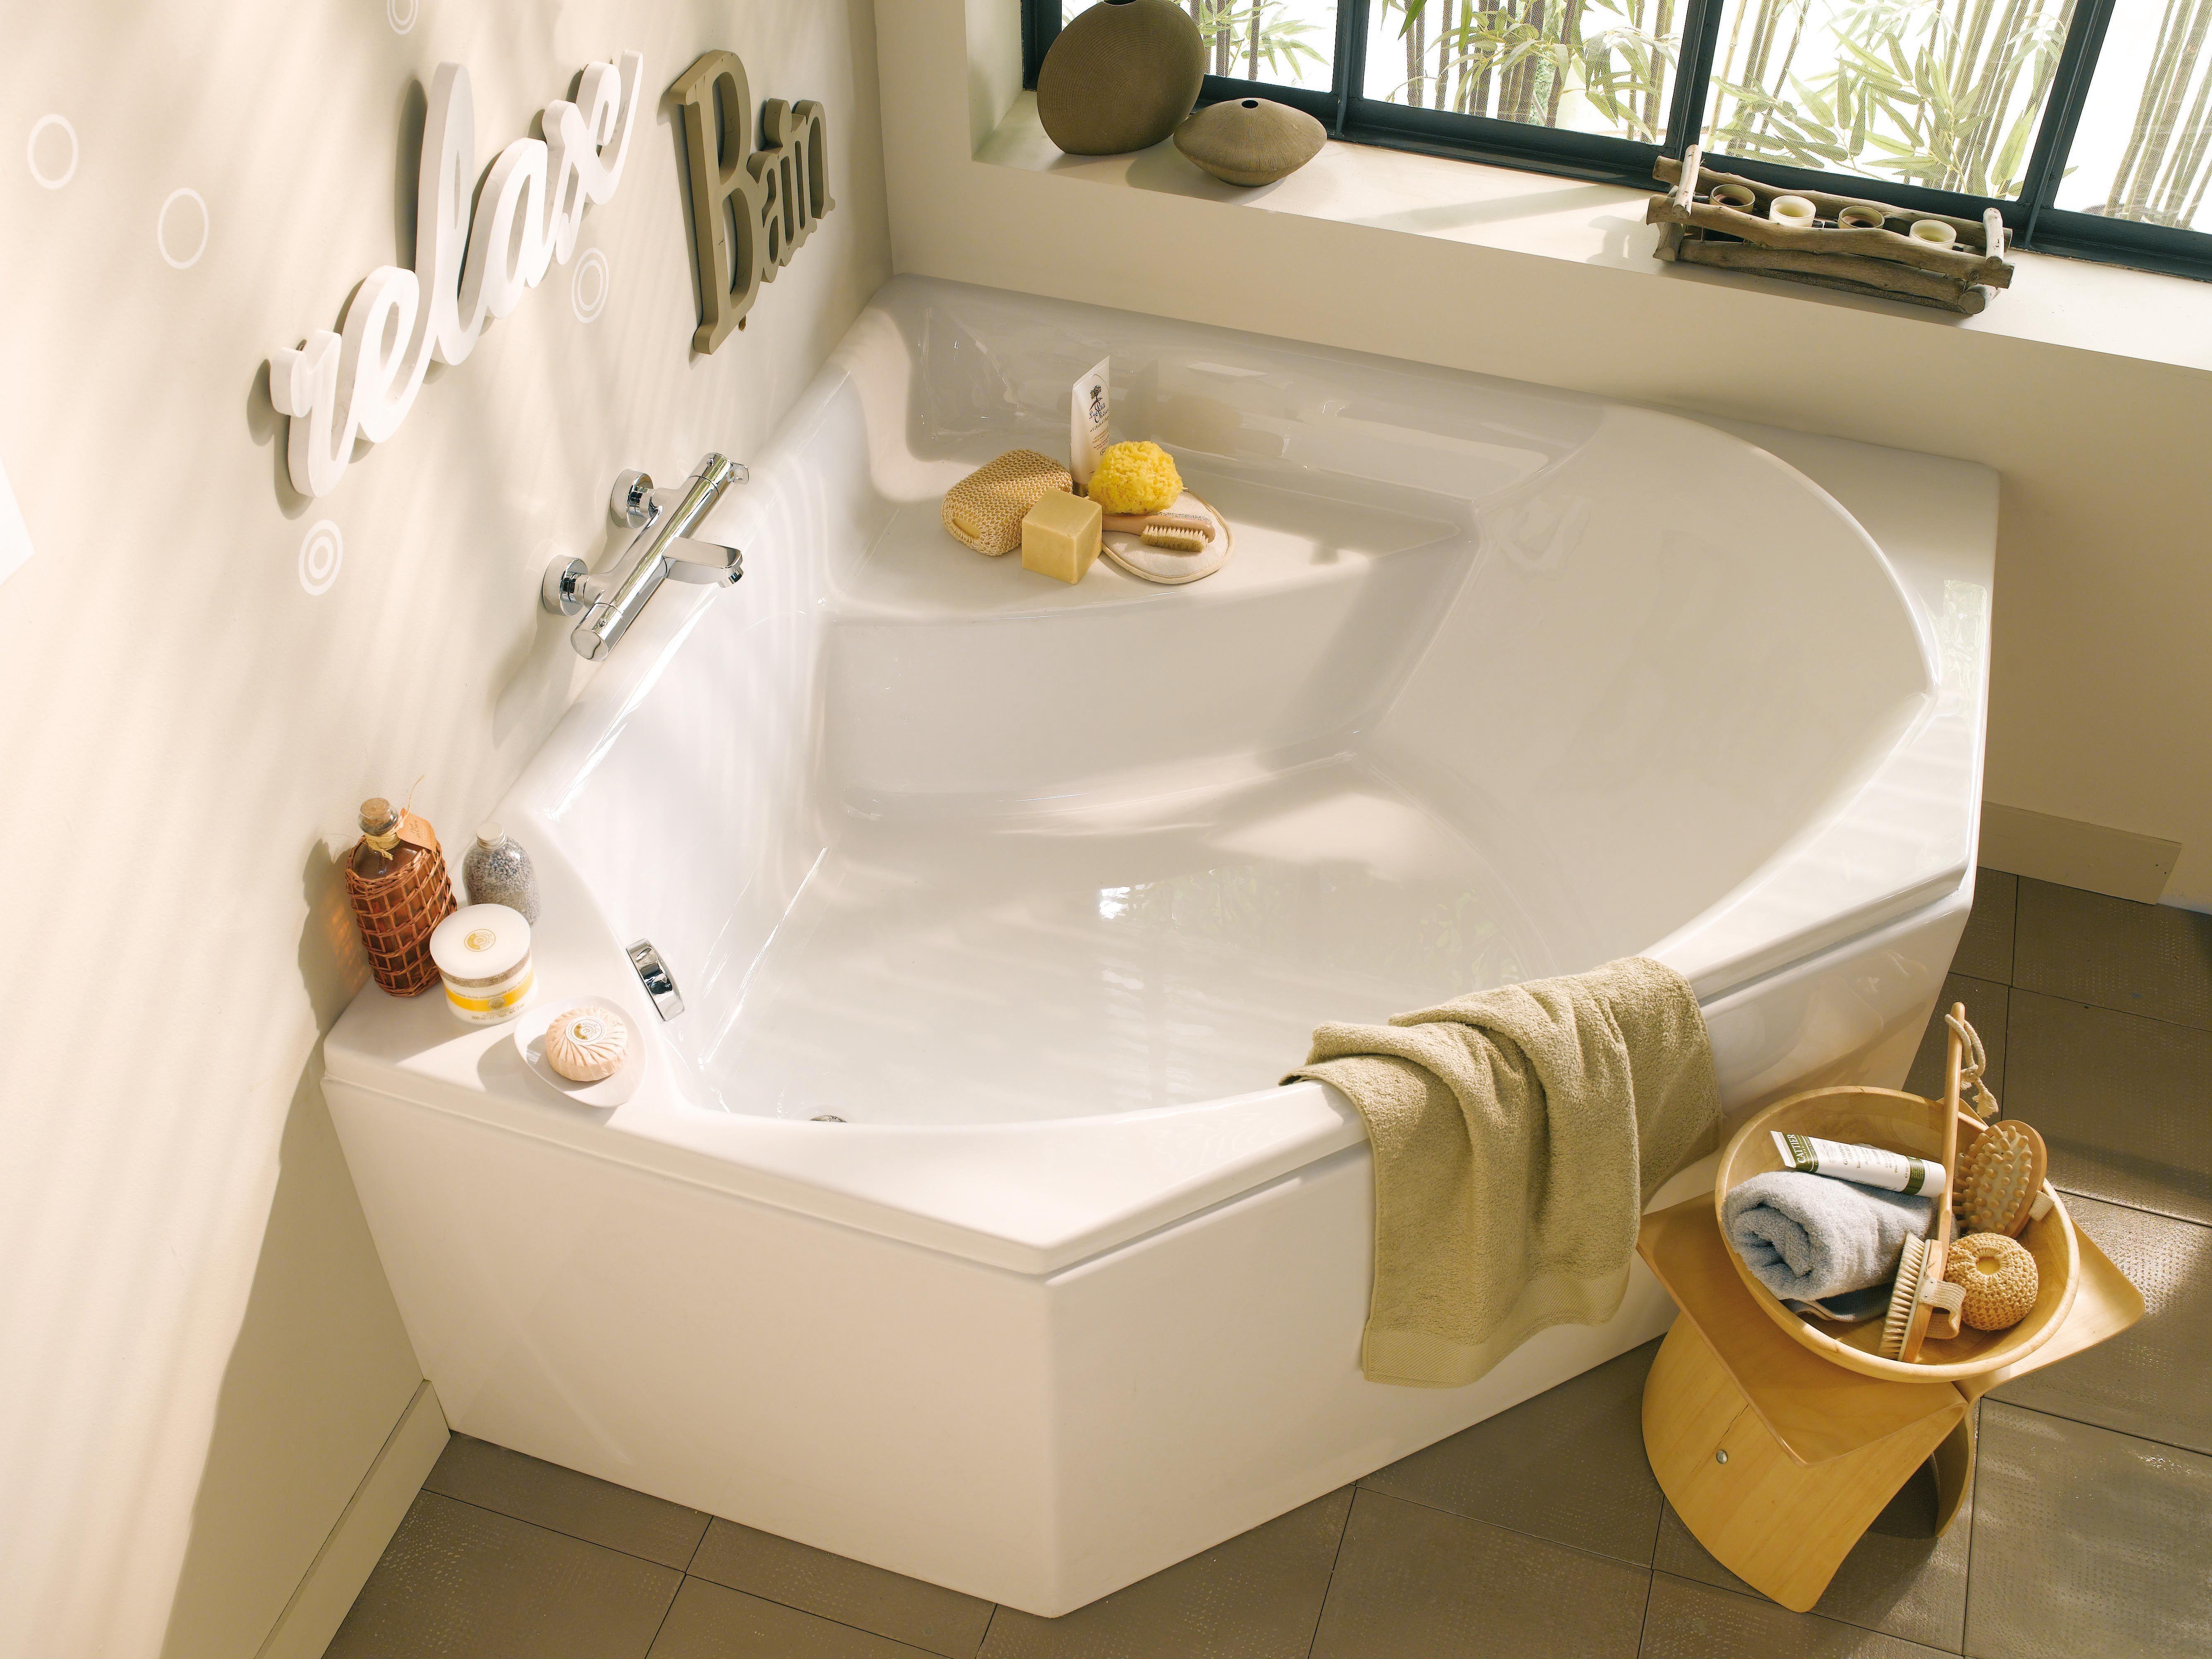 baignoire d angle recherche google toilettes sdb pinterest salle de bains salle et. Black Bedroom Furniture Sets. Home Design Ideas